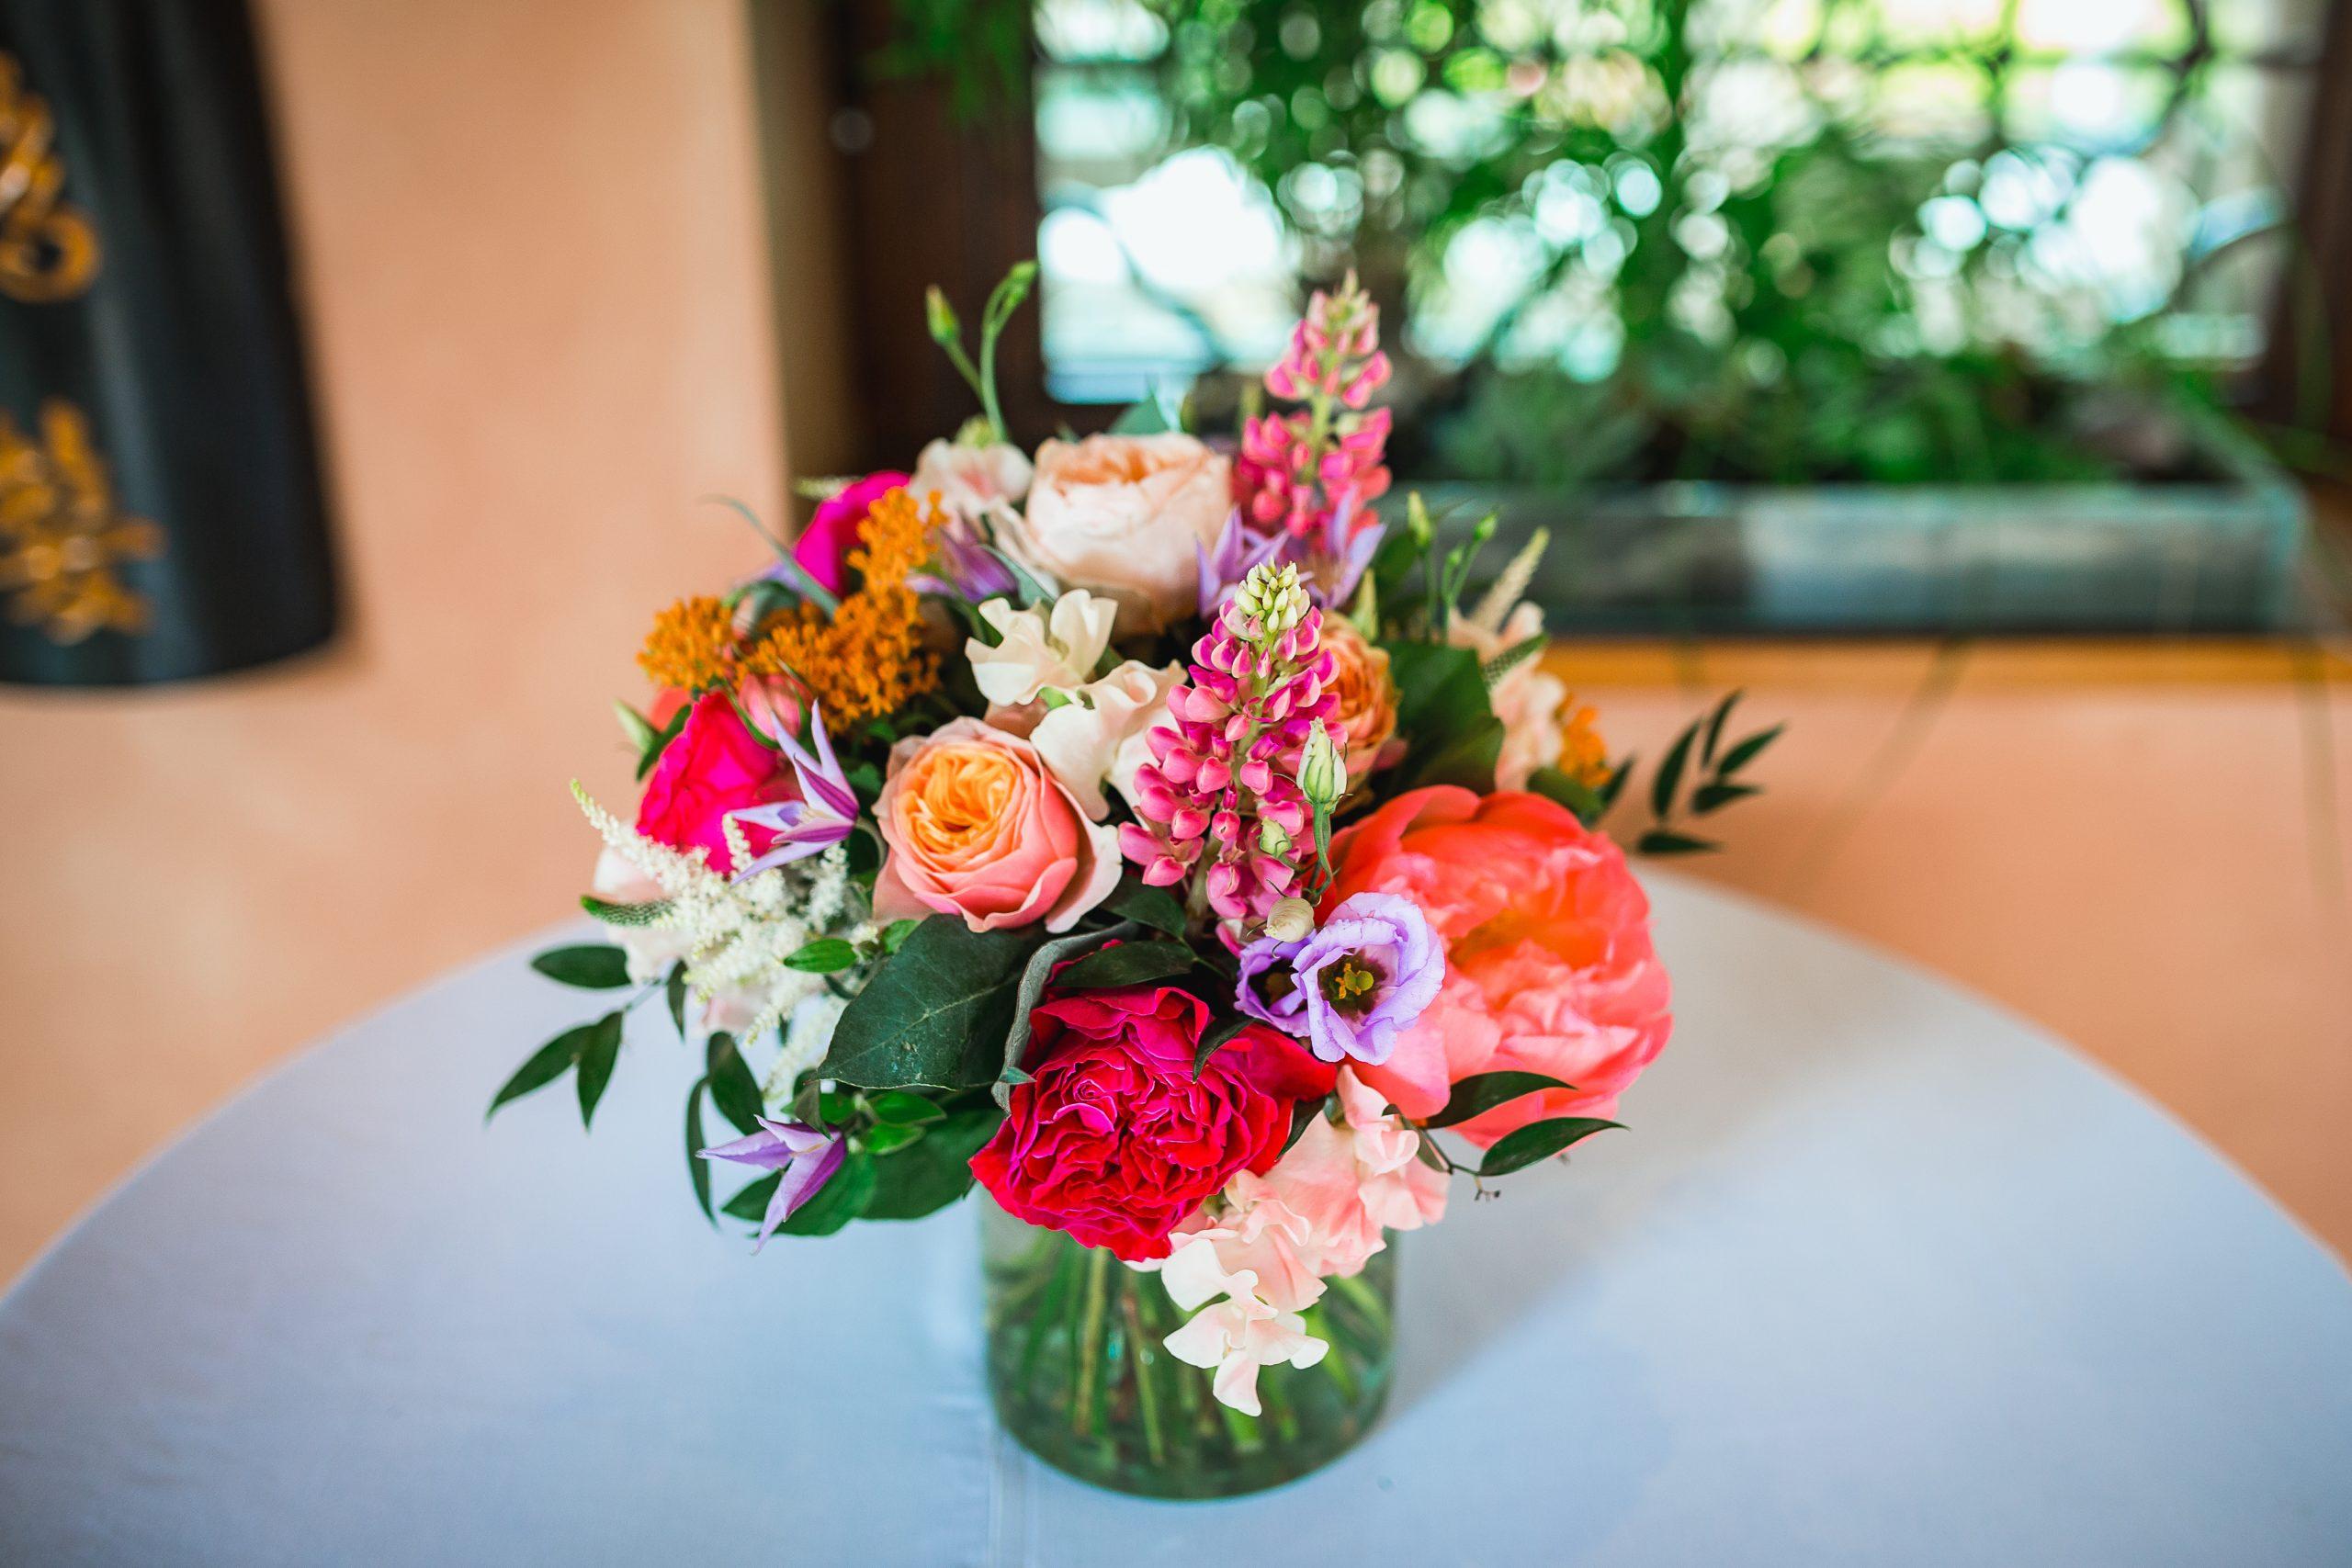 jewel toned wedding bouquet in vase